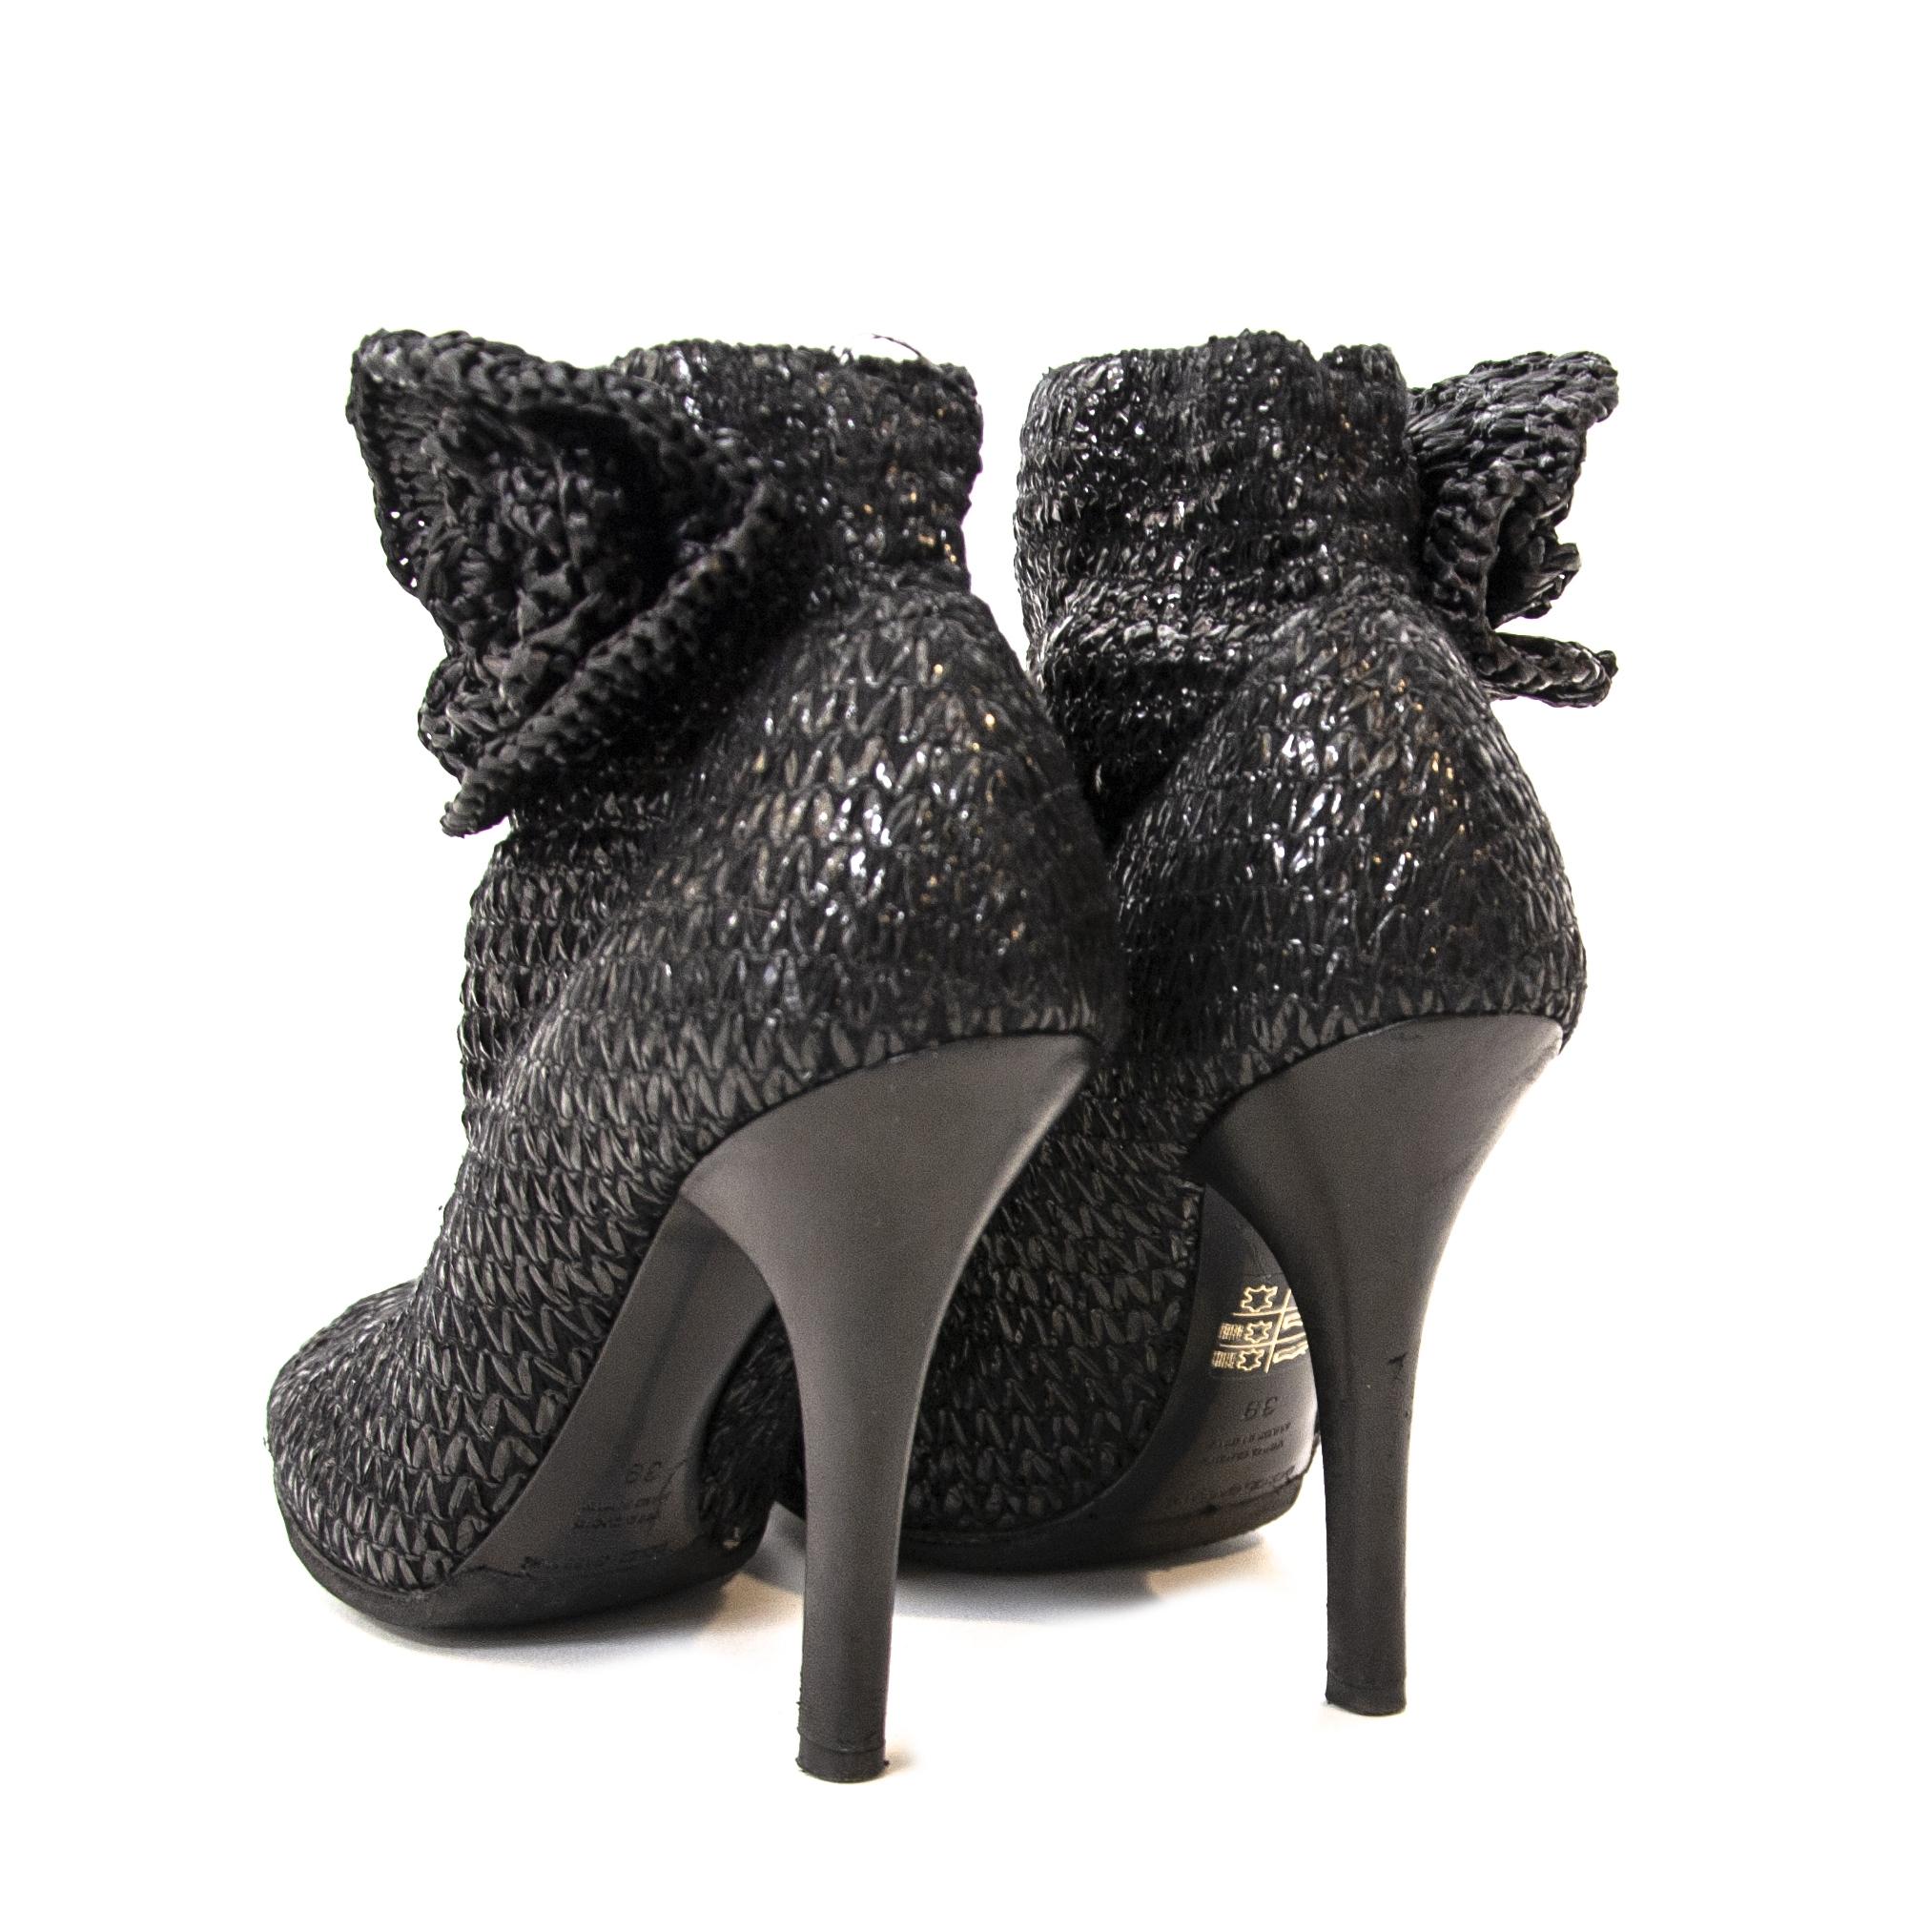 op zoek naarDolce & Gabbana Black peep toe ankle boots - Size 39? nu te koop bij labellov.com